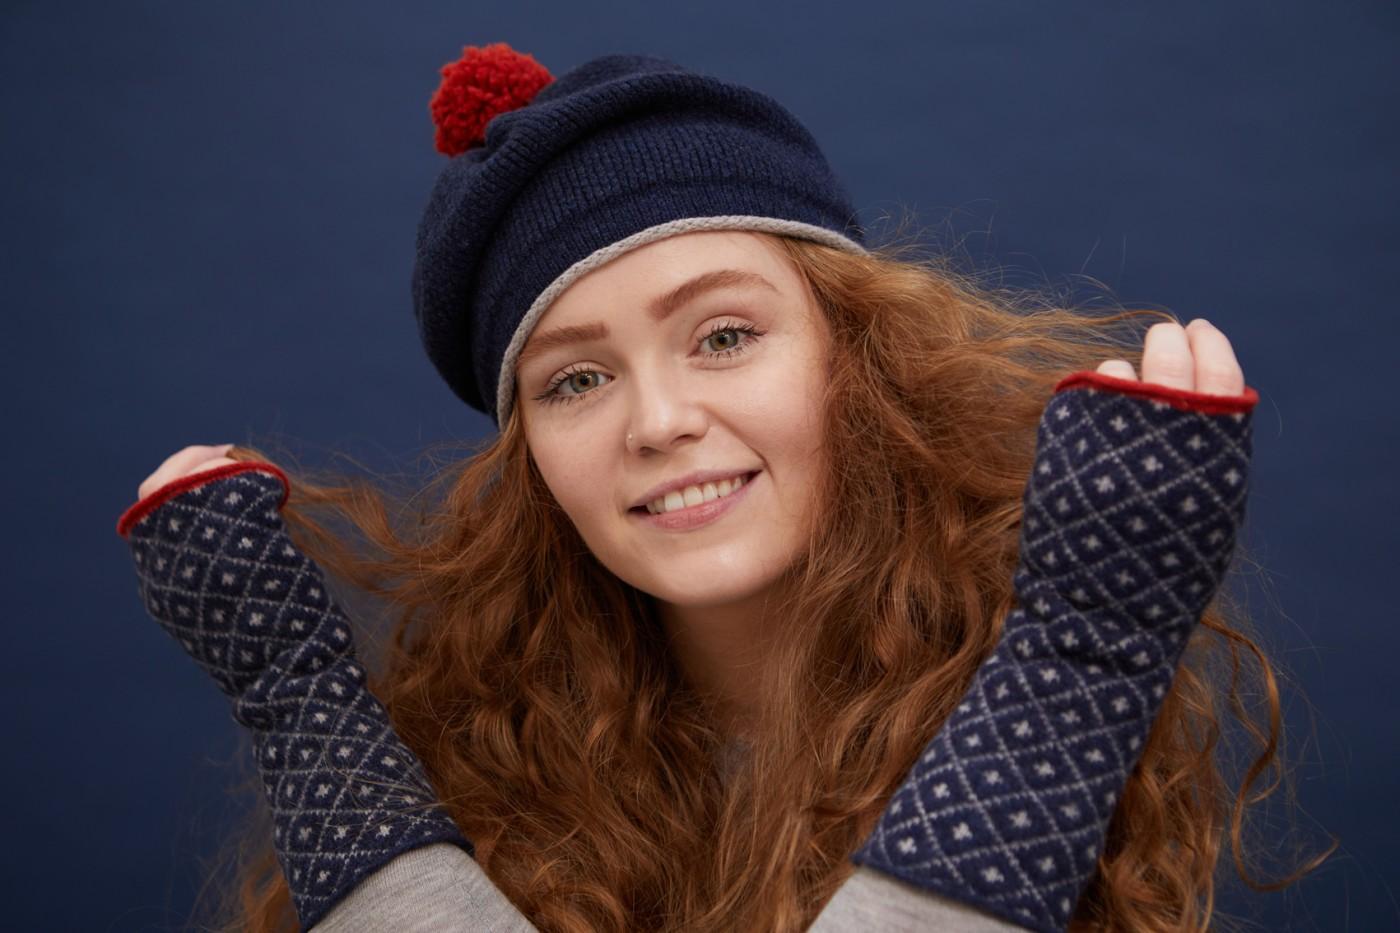 Katie Mawson